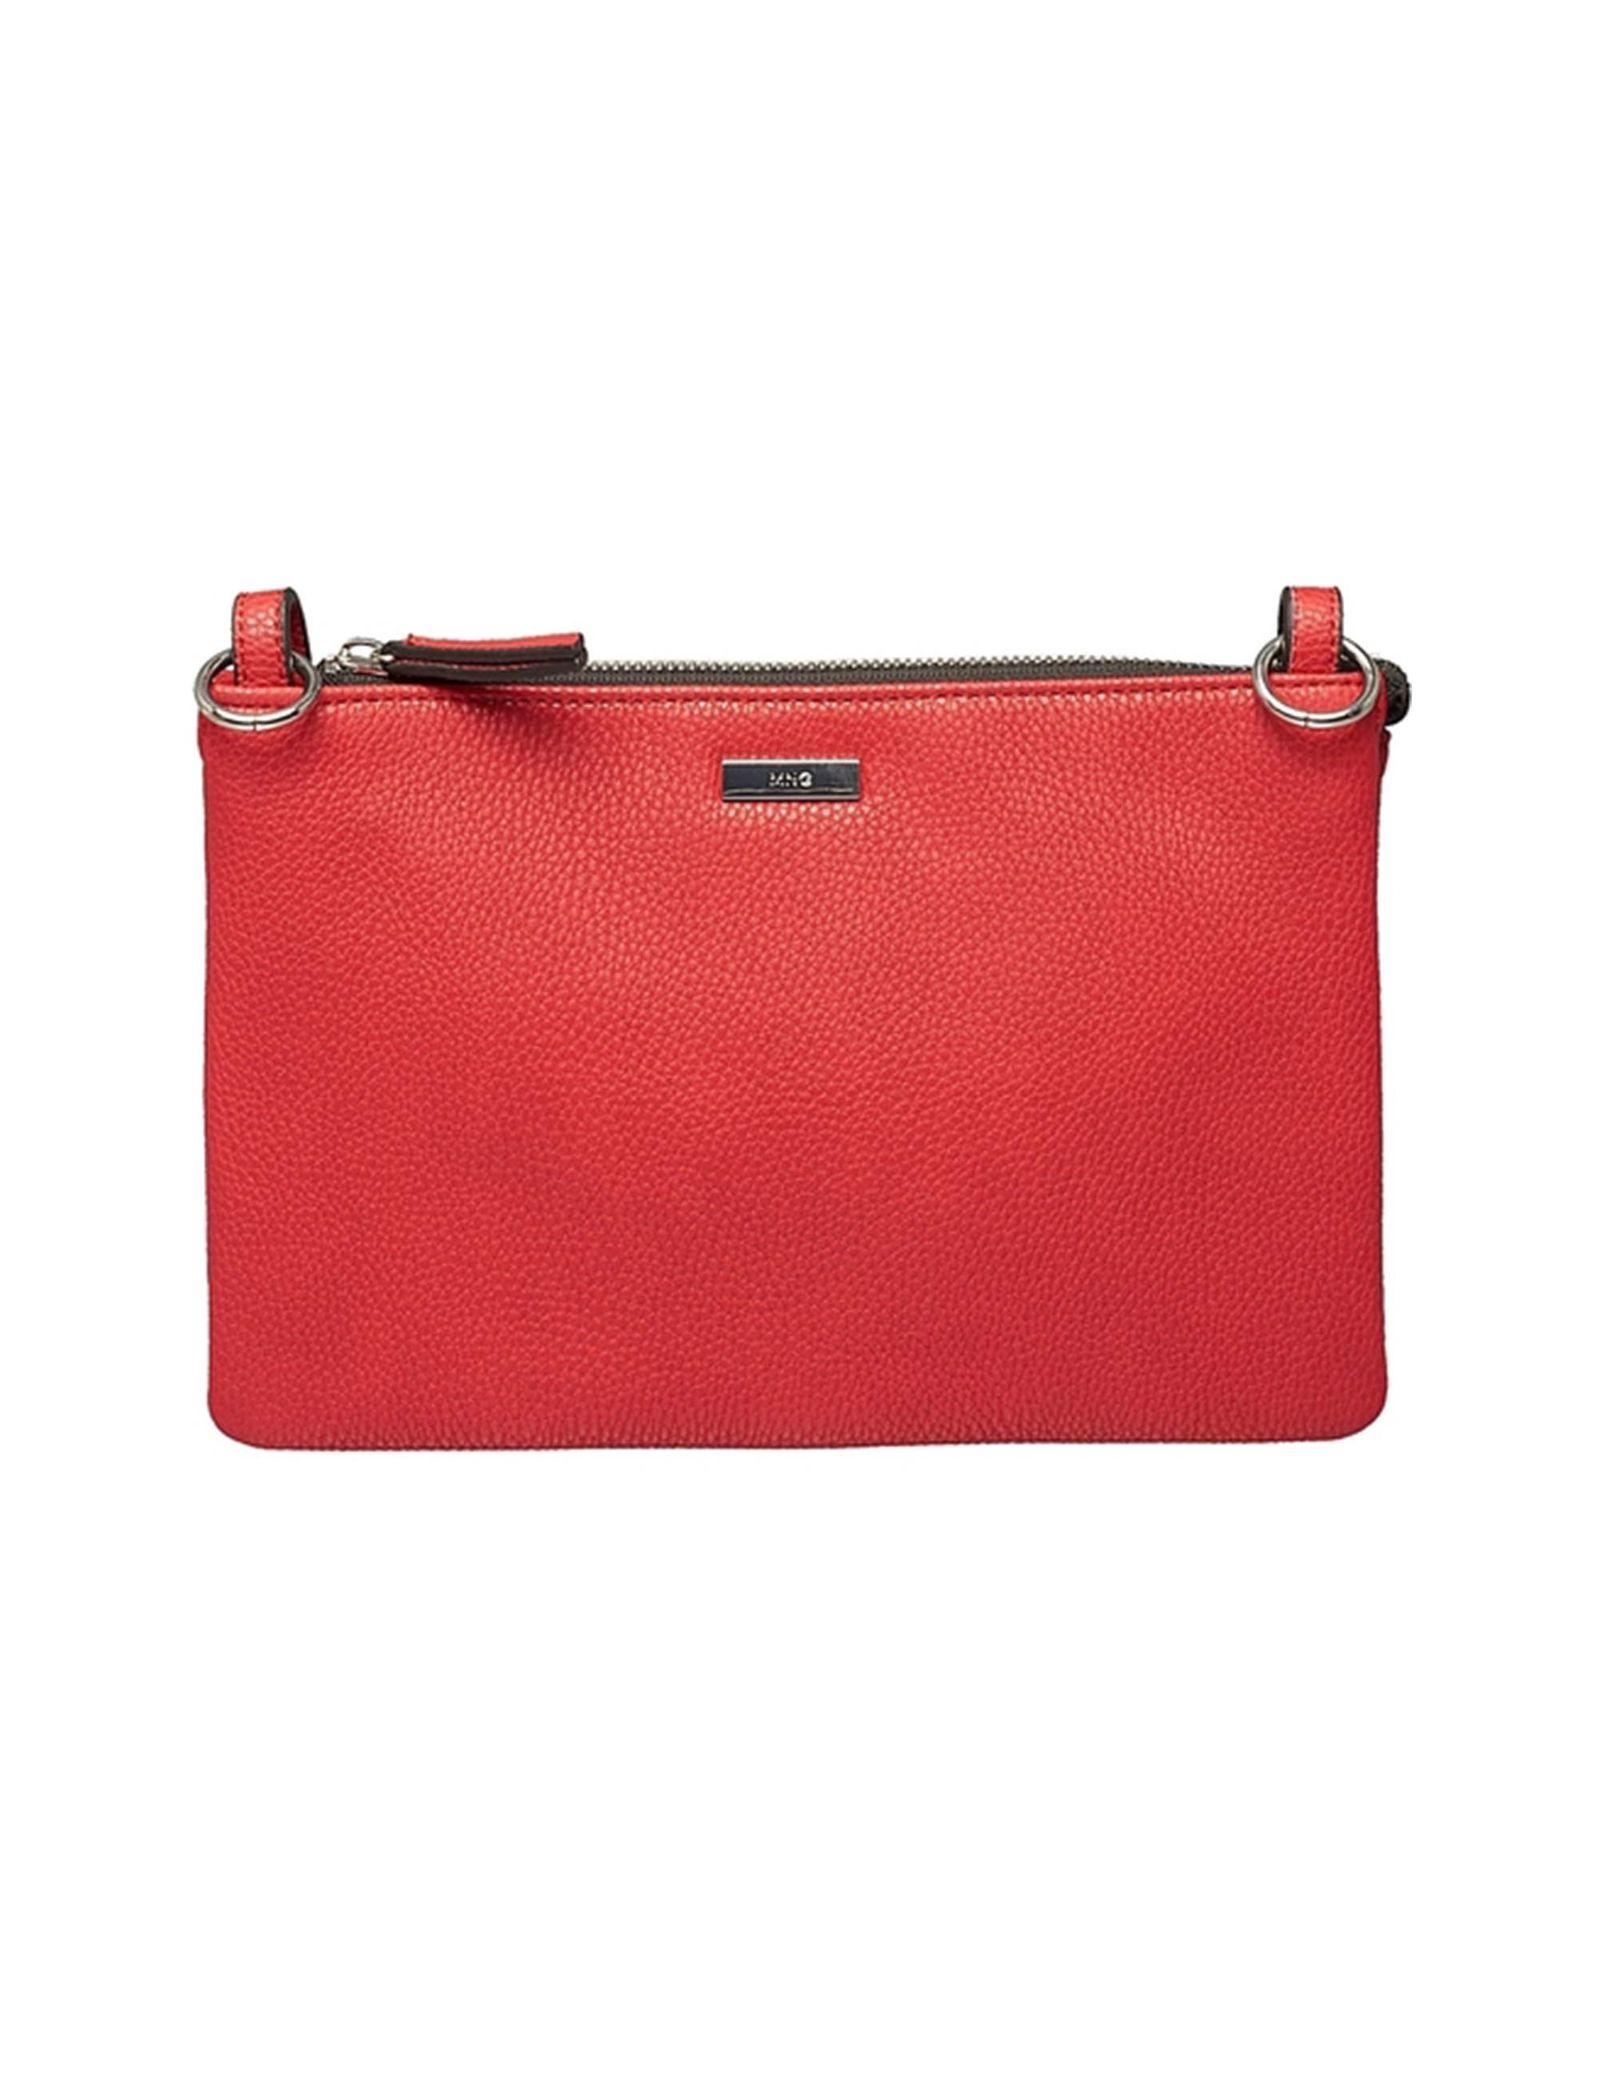 کیف دوشی روزمره زنانه - مانگو - قرمز - 1